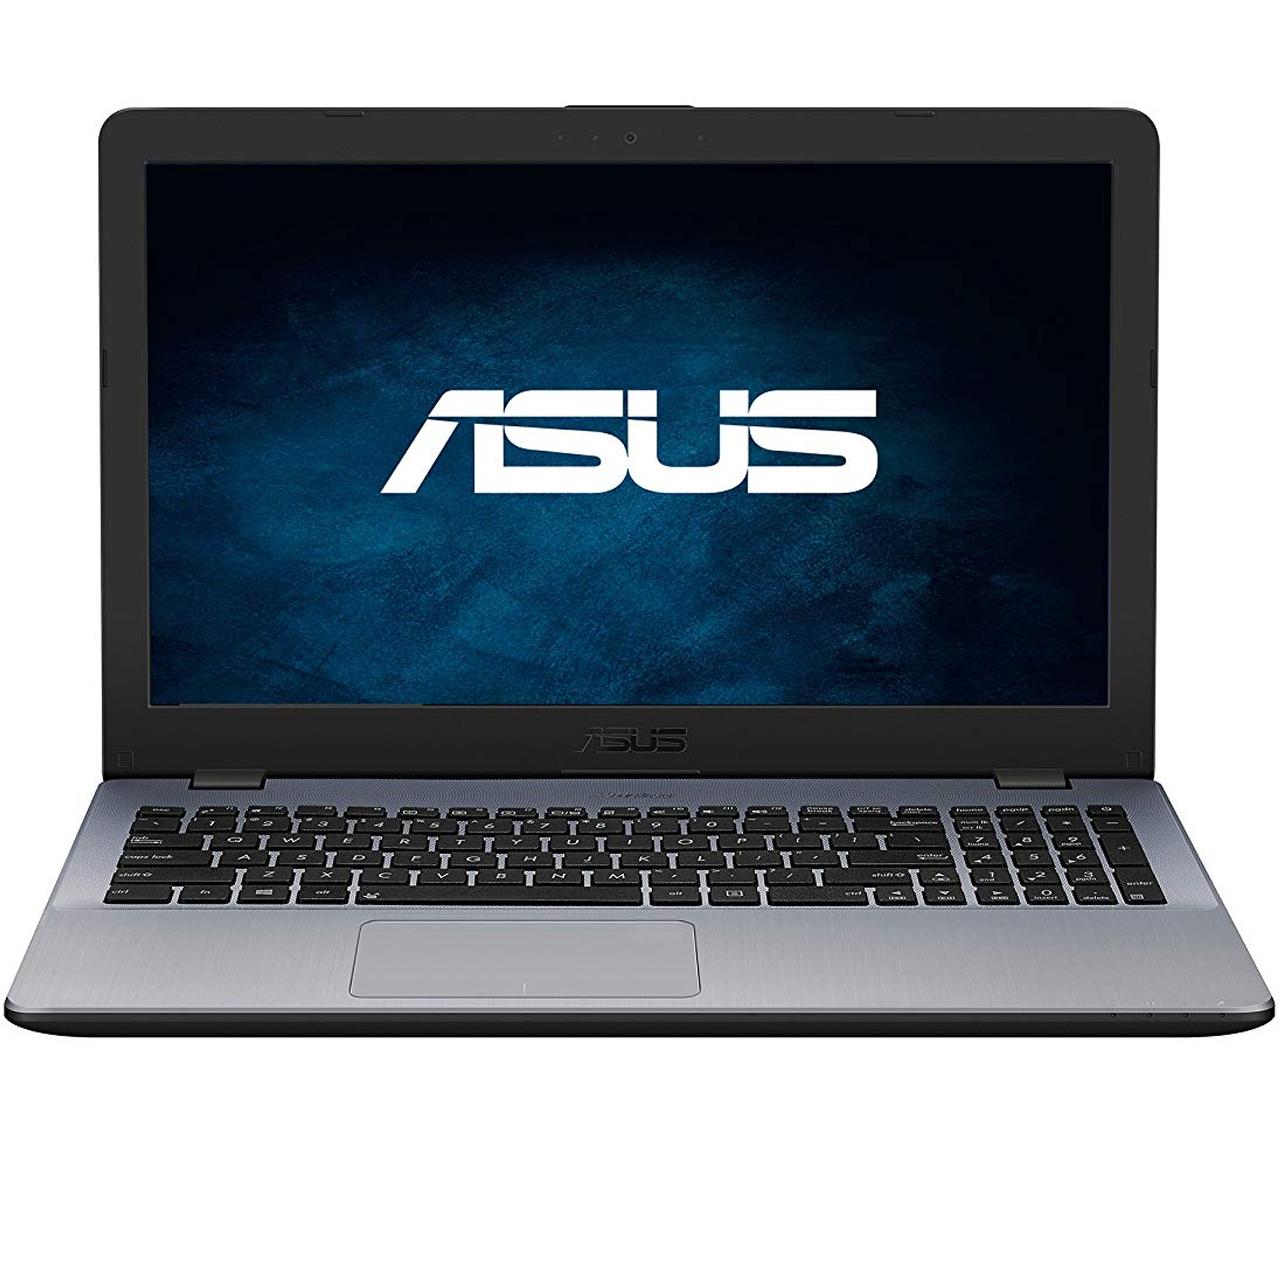 لپ تاپ 15 اینچی ایسوس مدل ASUS  VivoBook 15 K542UR-D